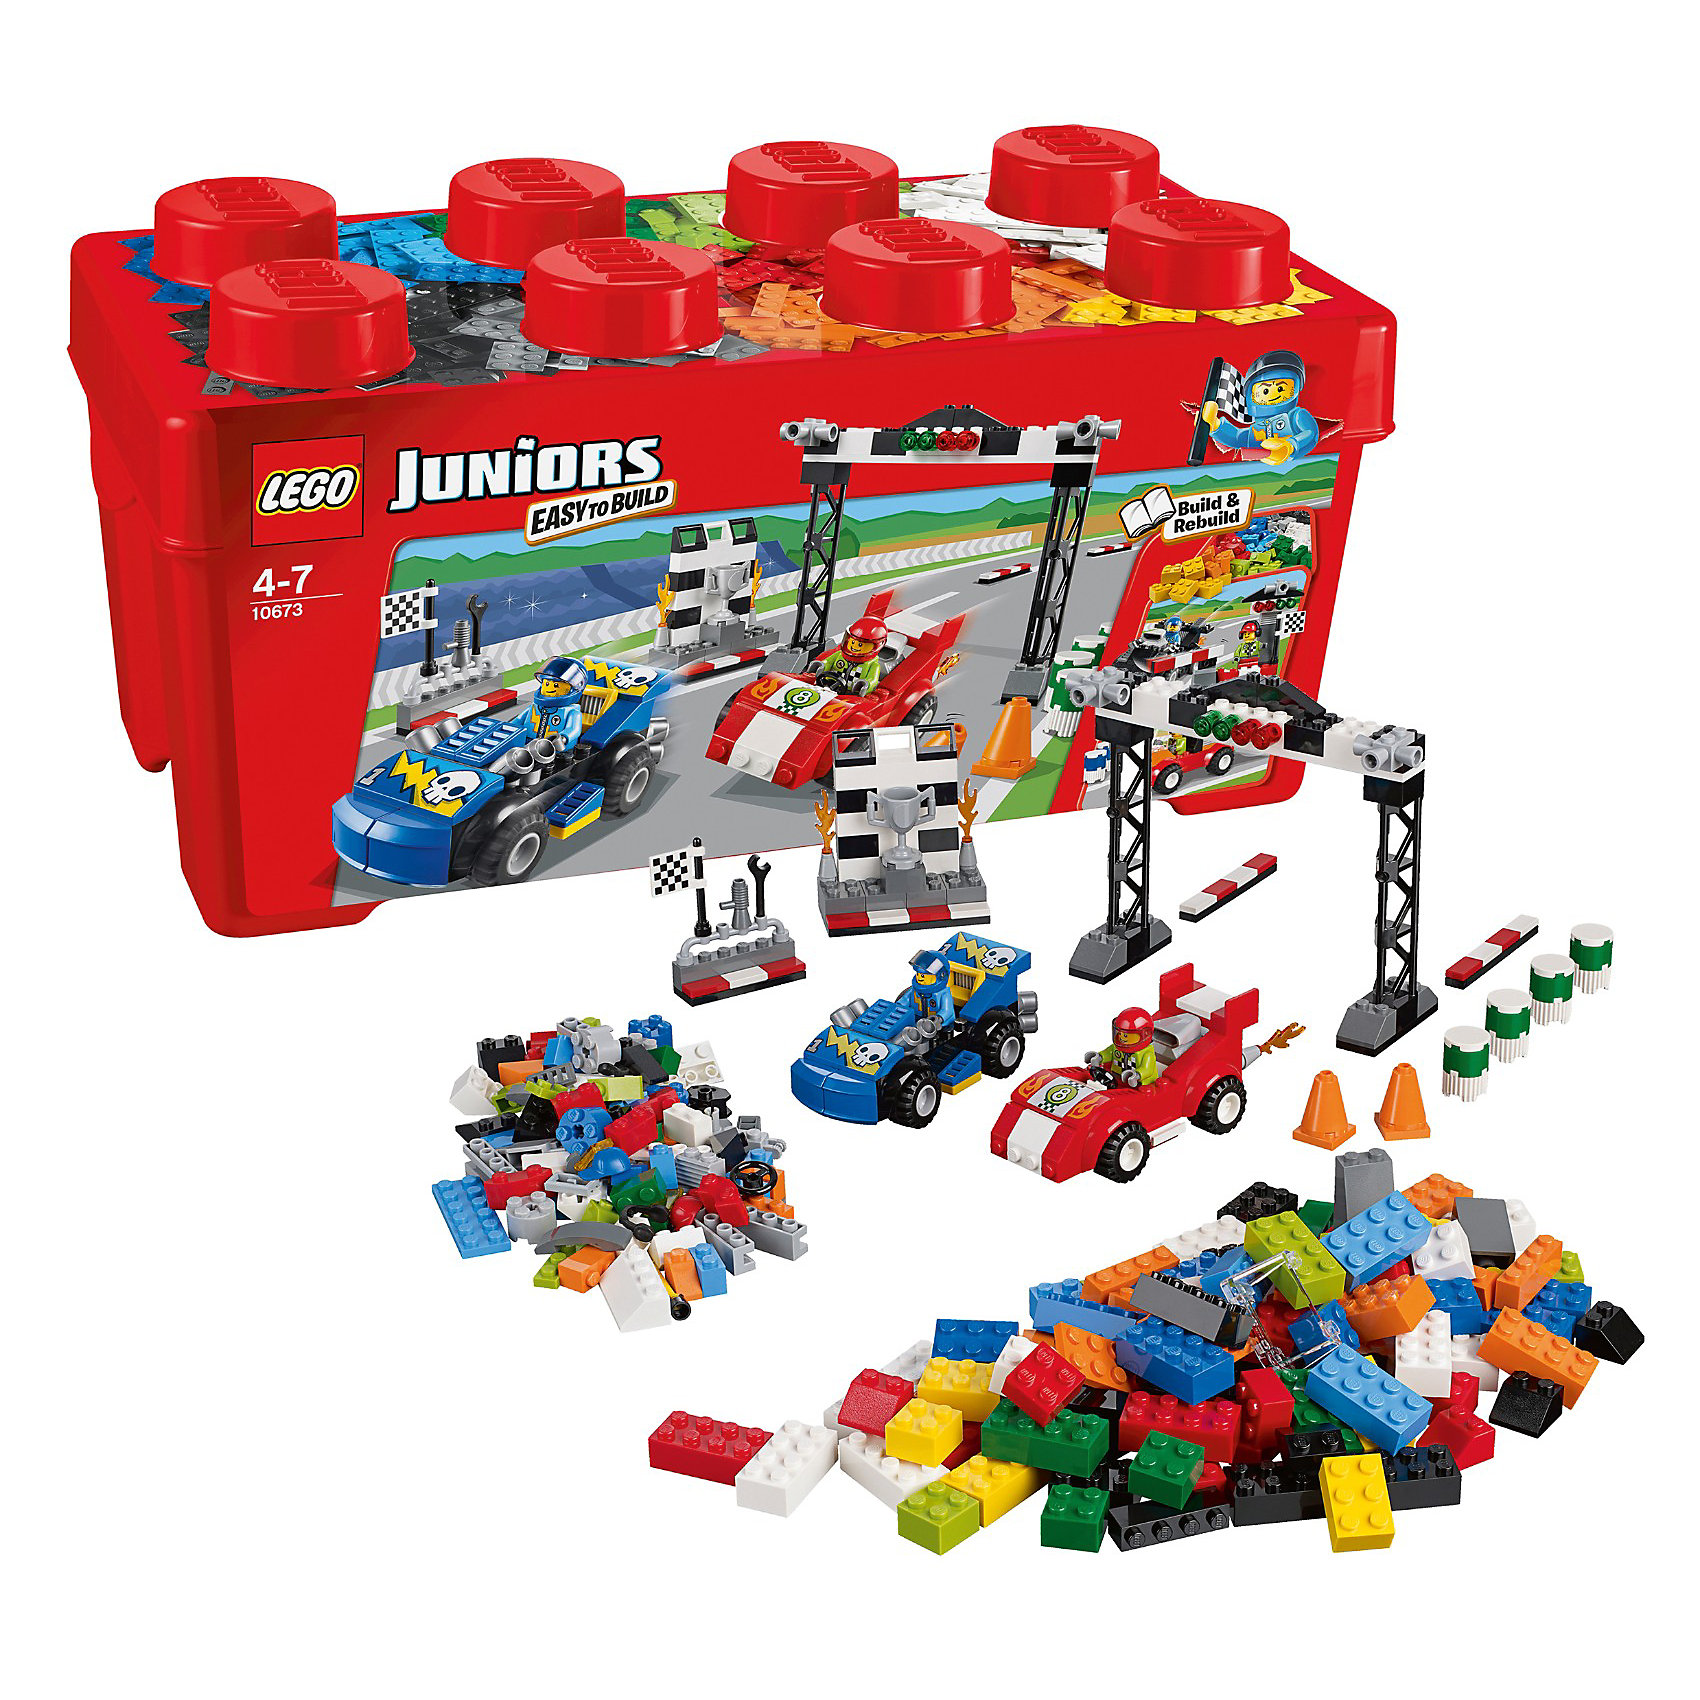 LEGO Juniors 10673: Ралли на гоночных автомобиляхКонструктор LEGO Juniors (ЛЕГО Джуниорс) 10673: Ралли на гоночных автомобилях - мечта мальчишек, обожающих скорость. Масштабный набор позволит создать настоящую трассу с крутыми поворотами и захватывающими виражами. В гонках участвуют два опытных пилота на суперскоростных машинах! Построй стартовую арку со светофором и динамиками, откуда спортсмены начнут гонку. Для дозаправки и ремонта есть мобильный пит-стоп с инструментами и оборудованием. А победителя будут чествовать на красивом пьедестале, где он получит заветный кубок под гром аплодисментов! Подключайте фантазию и Вам никогда не будет скучно в компании LEGO (ЛЕГО)!<br><br>Серия конструкторов LEGO Juniors (ЛЕГО Джуниорс) - специально разработаны для детей от 4 до 7 лет. Размер кубиков и деталей соответствует обычным размерам. При этом наборы очень просты в сборке. Понятные инструкции позволяют детям быстро получить результат и приступить к игре. Конструкторы этой серии прекрасно детализированы, яркие, прочные, имеют множество различных сюжетов - идеально подходят для реалистичных и познавательных игр.<br><br>Дополнительная информация:<br><br>- Игра с конструктором  LEGO (ЛЕГО) развивает мелкую моторику ребенка, фантазию и воображение, учит его усидчивости и внимательности;<br>- В комплекте: 2 минифигурки гонщиков, детали набора; <br>- Количество деталей: 350 шт;<br>- Удобно хранить и брать с собой;<br>- Серия: LEGO Juniors (ЛЕГО Джуниорс);<br>- Материал: пластик;<br>- Размер упаковки: 37 х 18 х 18 см;<br>- Вес: 1,2 кг <br><br>Конструктор LEGO Juniors (ЛЕГО Джуниорс) 10673: Ралли на гоночных автомобилях можно купить в нашем интернет-магазине.<br><br>Ширина мм: 364<br>Глубина мм: 184<br>Высота мм: 180<br>Вес г: 997<br>Возраст от месяцев: 48<br>Возраст до месяцев: 84<br>Пол: Мужской<br>Возраст: Детский<br>SKU: 3342512